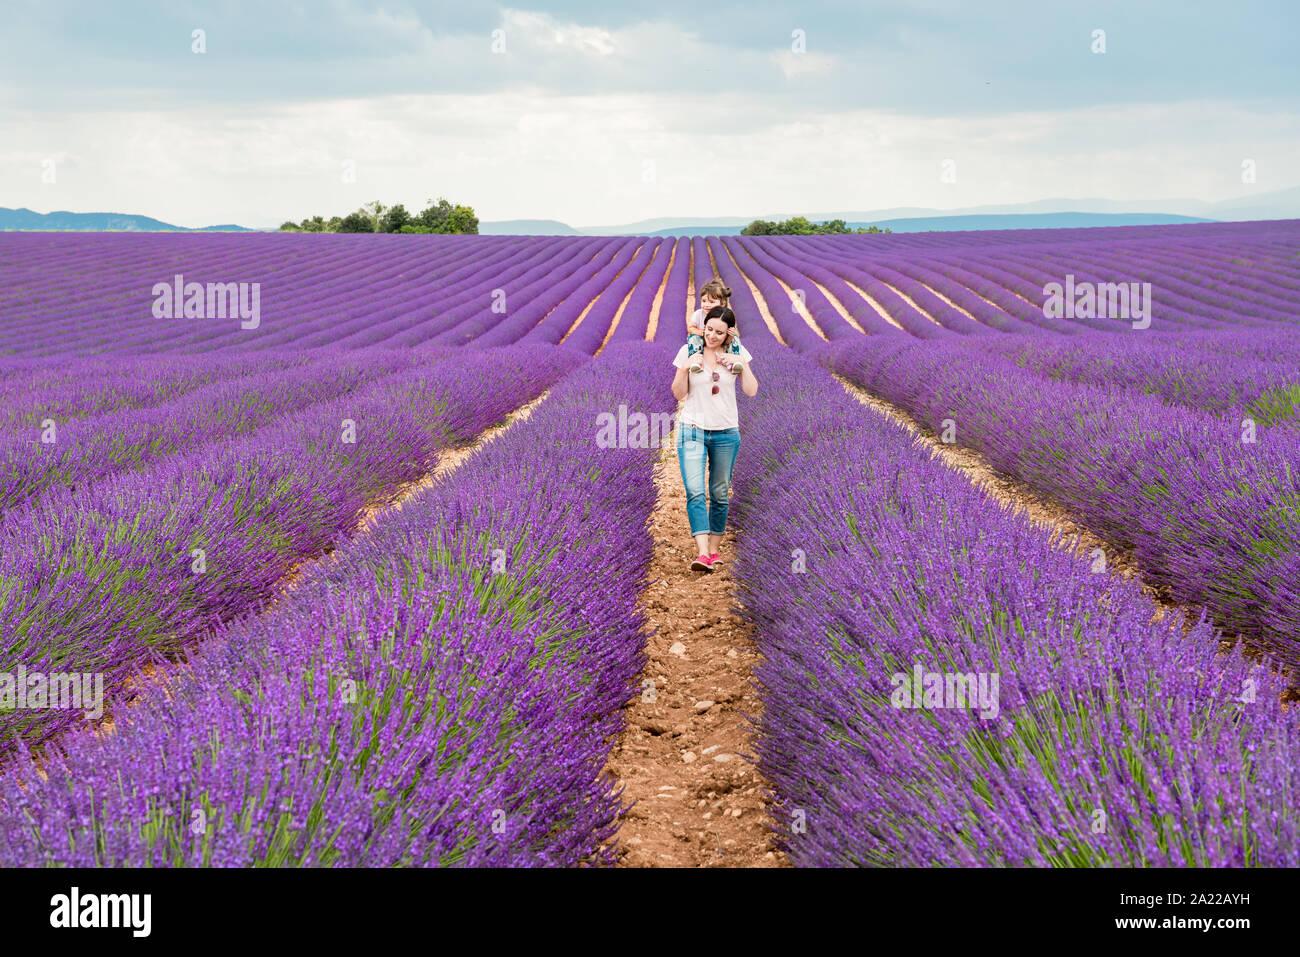 Madre e hija caminando entre campos de lavanda en el verano Foto de stock